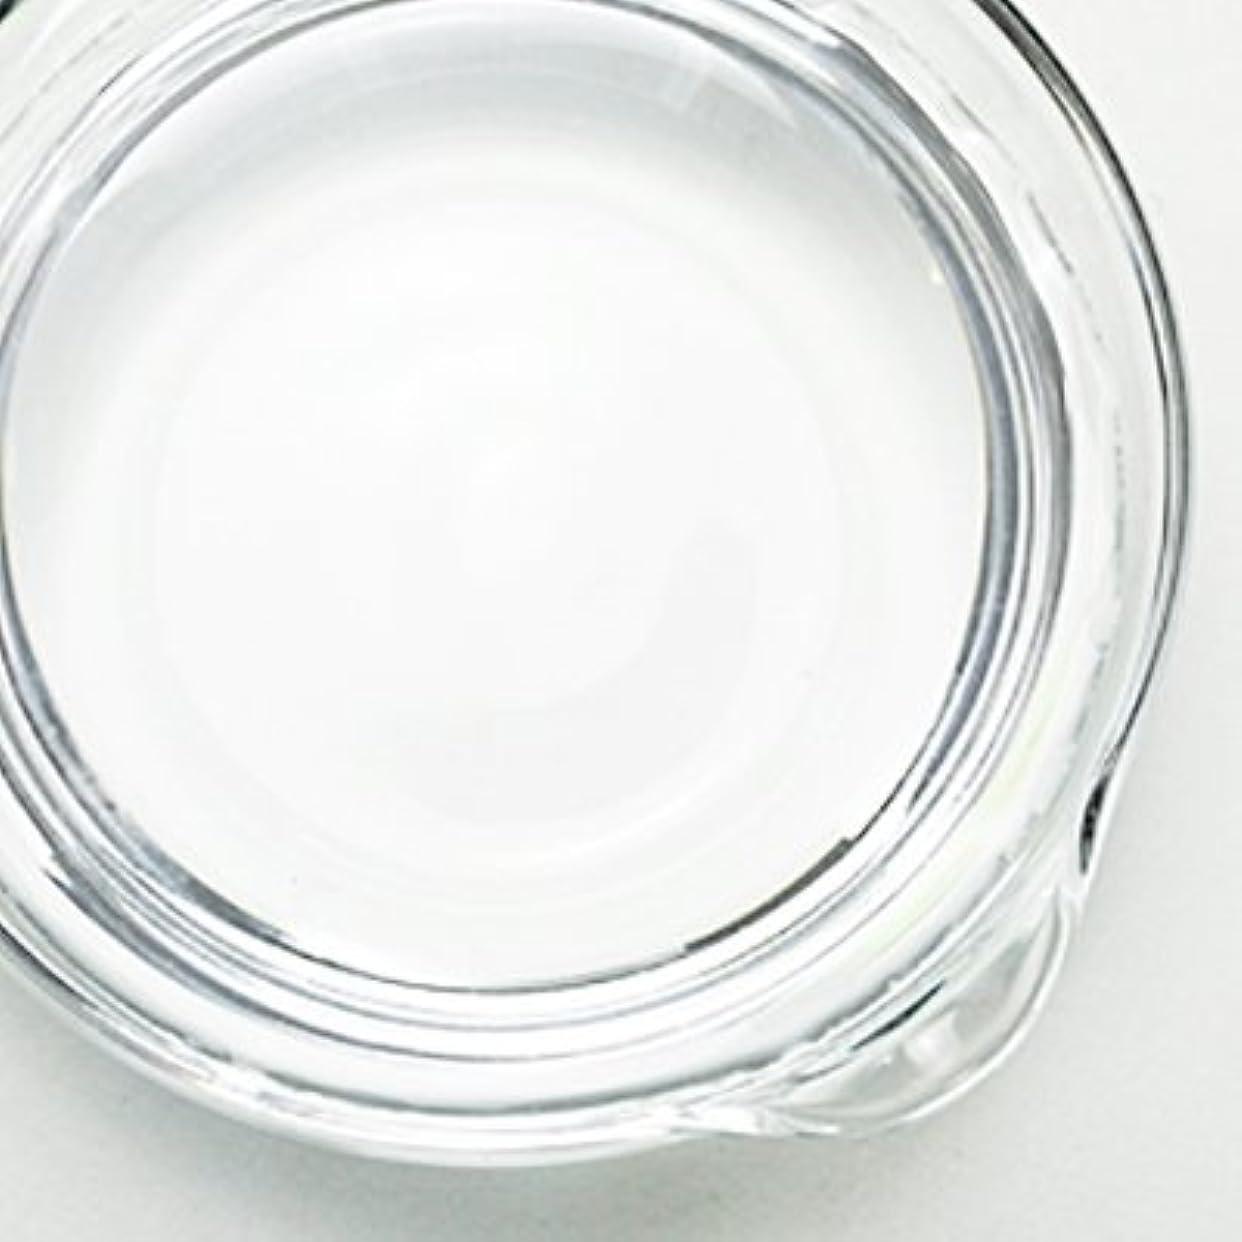 甘味フローティング懐疑的1,3-プロパンジオール[PG] 500ml 【手作り石鹸/手作りコスメ】